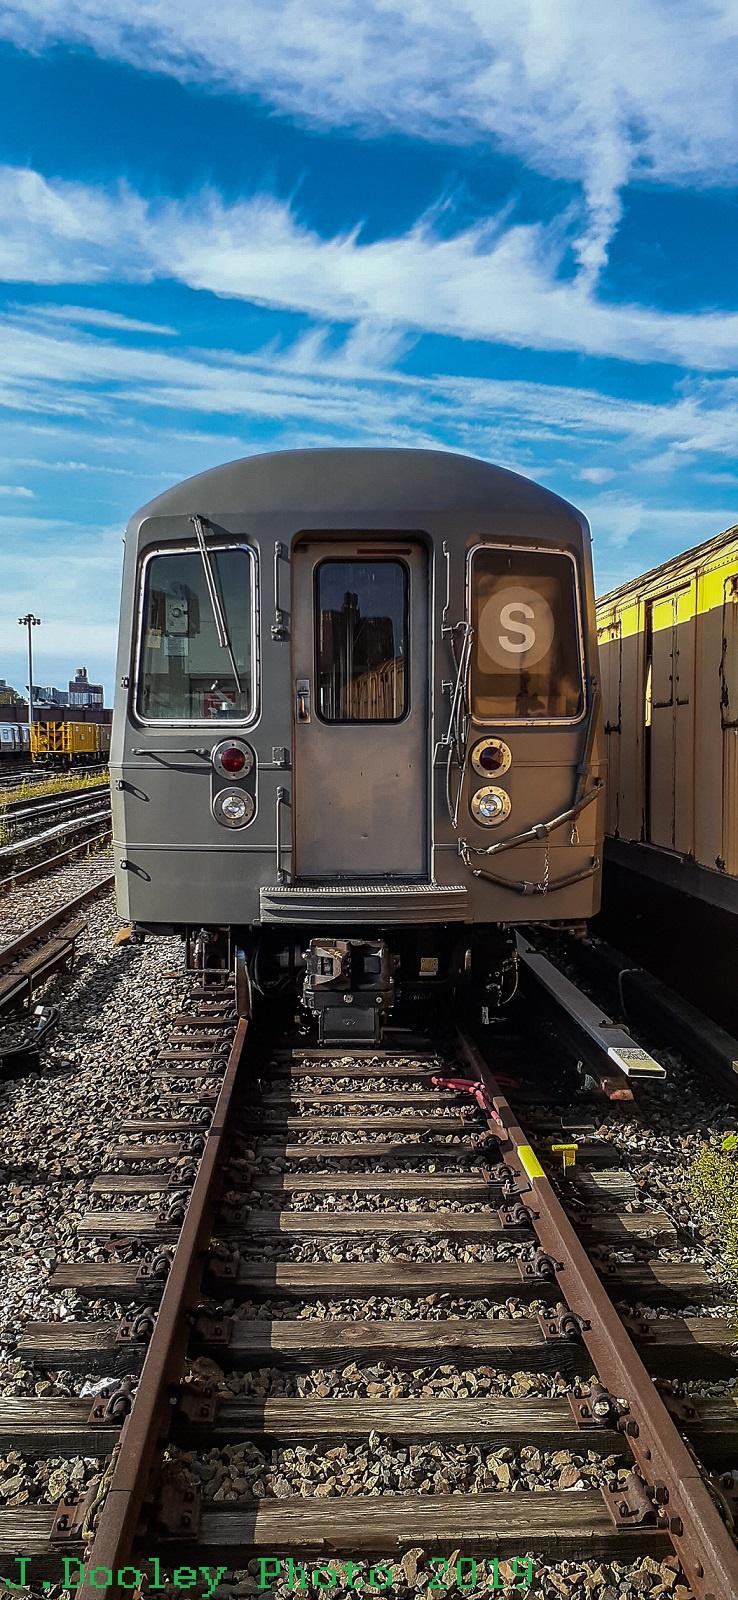 (305k, 1044x772)<br><b>Country:</b> United States<br><b>City:</b> New York<br><b>System:</b> New York City Transit<br><b>Line:</b> IRT West Side Line<br><b>Location:</b> 125th Street <br><b>Car:</b> Low-V  <br><b>Photo by:</b> Joel Shanus<br><b>Viewed (this week/total):</b> 1 / 1898